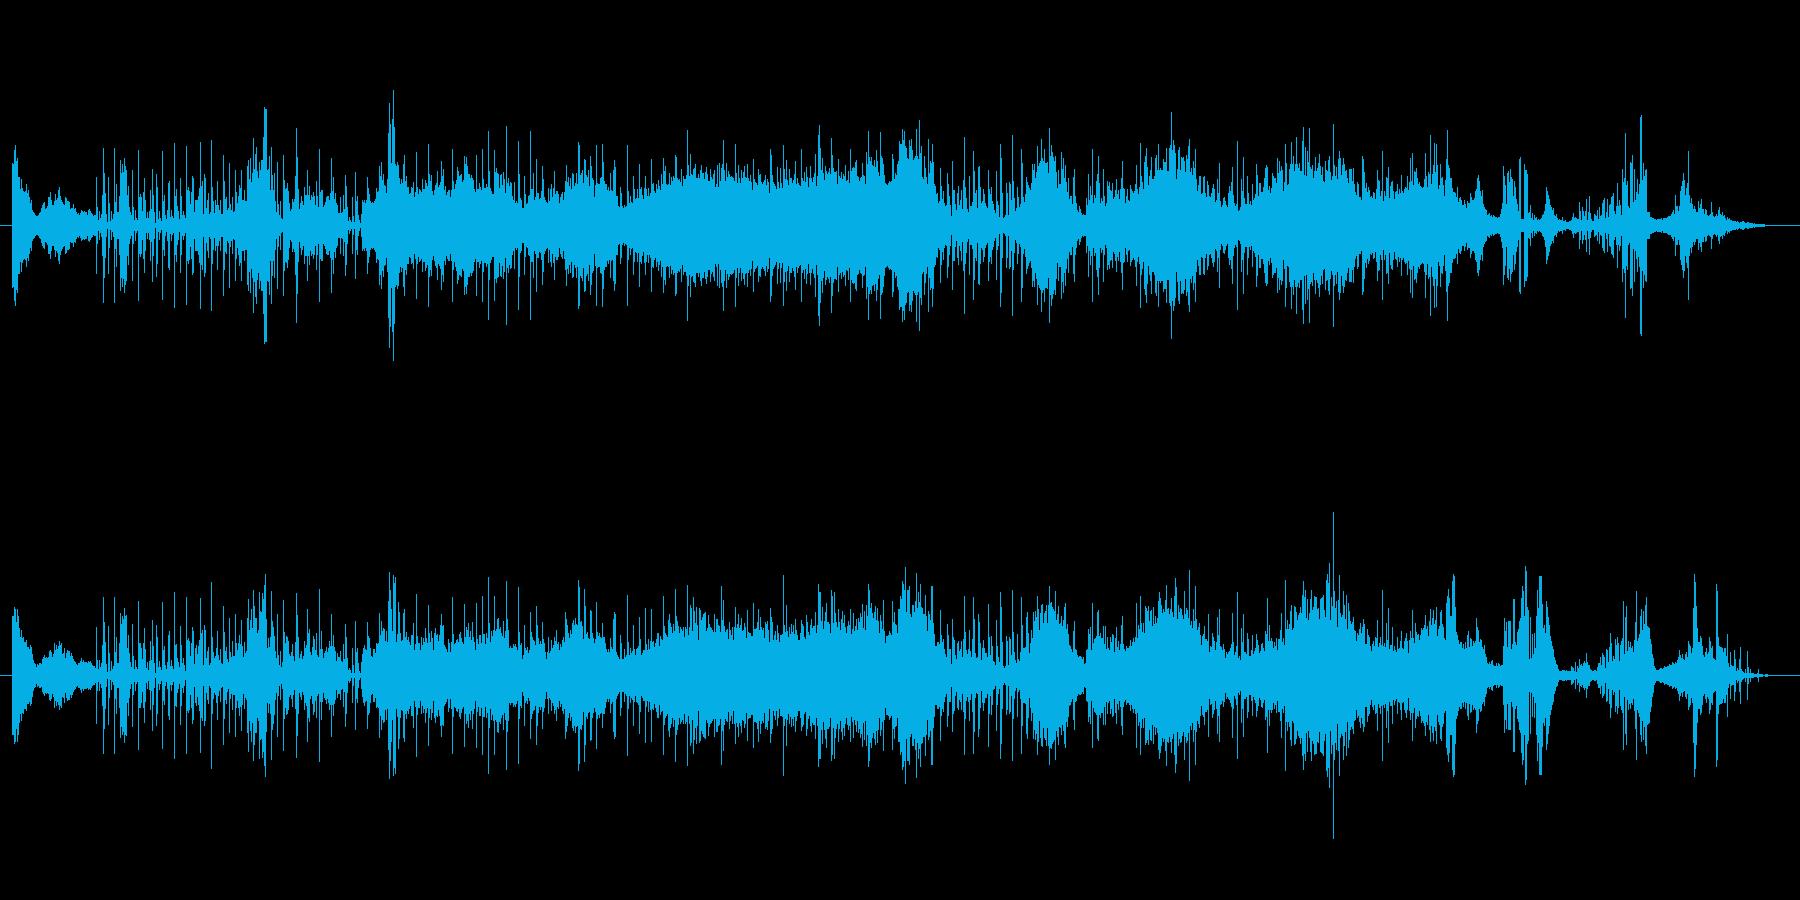 リズミックなシネマティックトレーラーの再生済みの波形